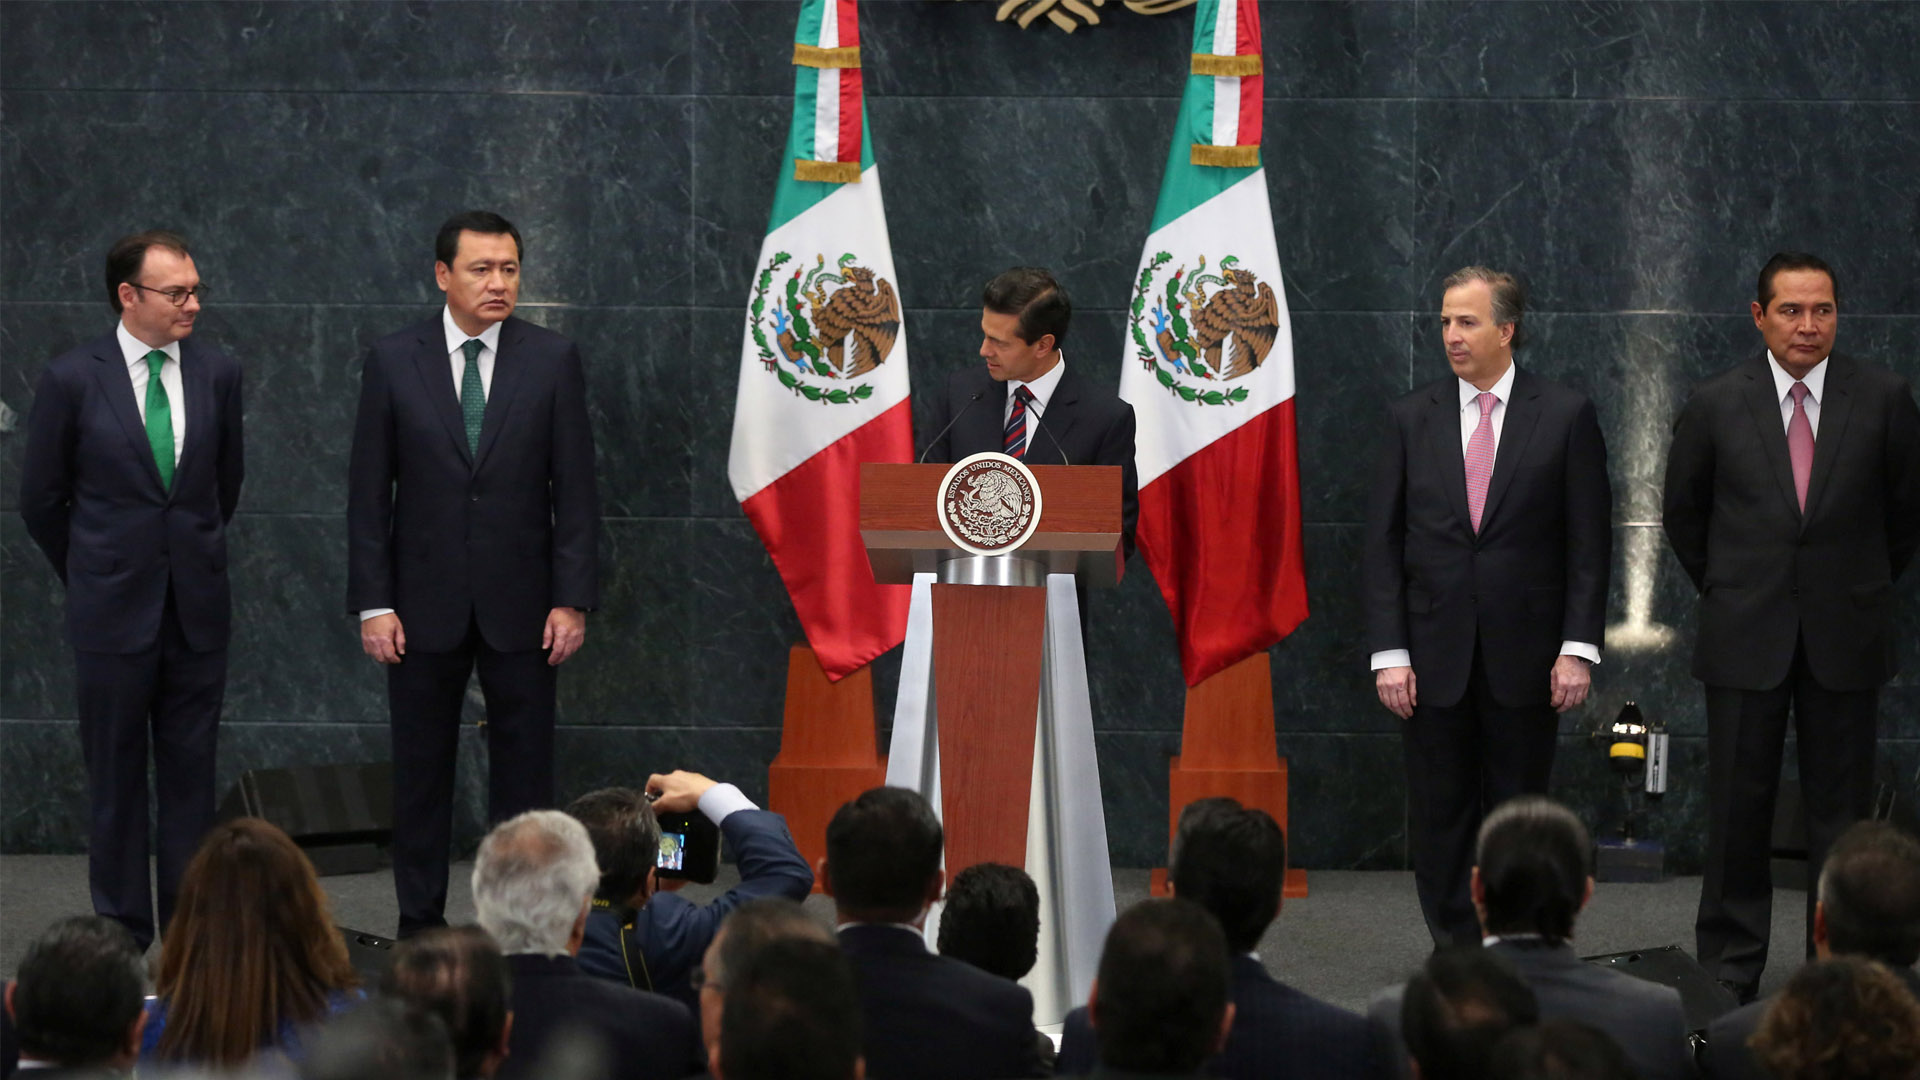 El ministro responsable de organizar la reunión entre el candidato y Peña Nieto presentó su renuncia